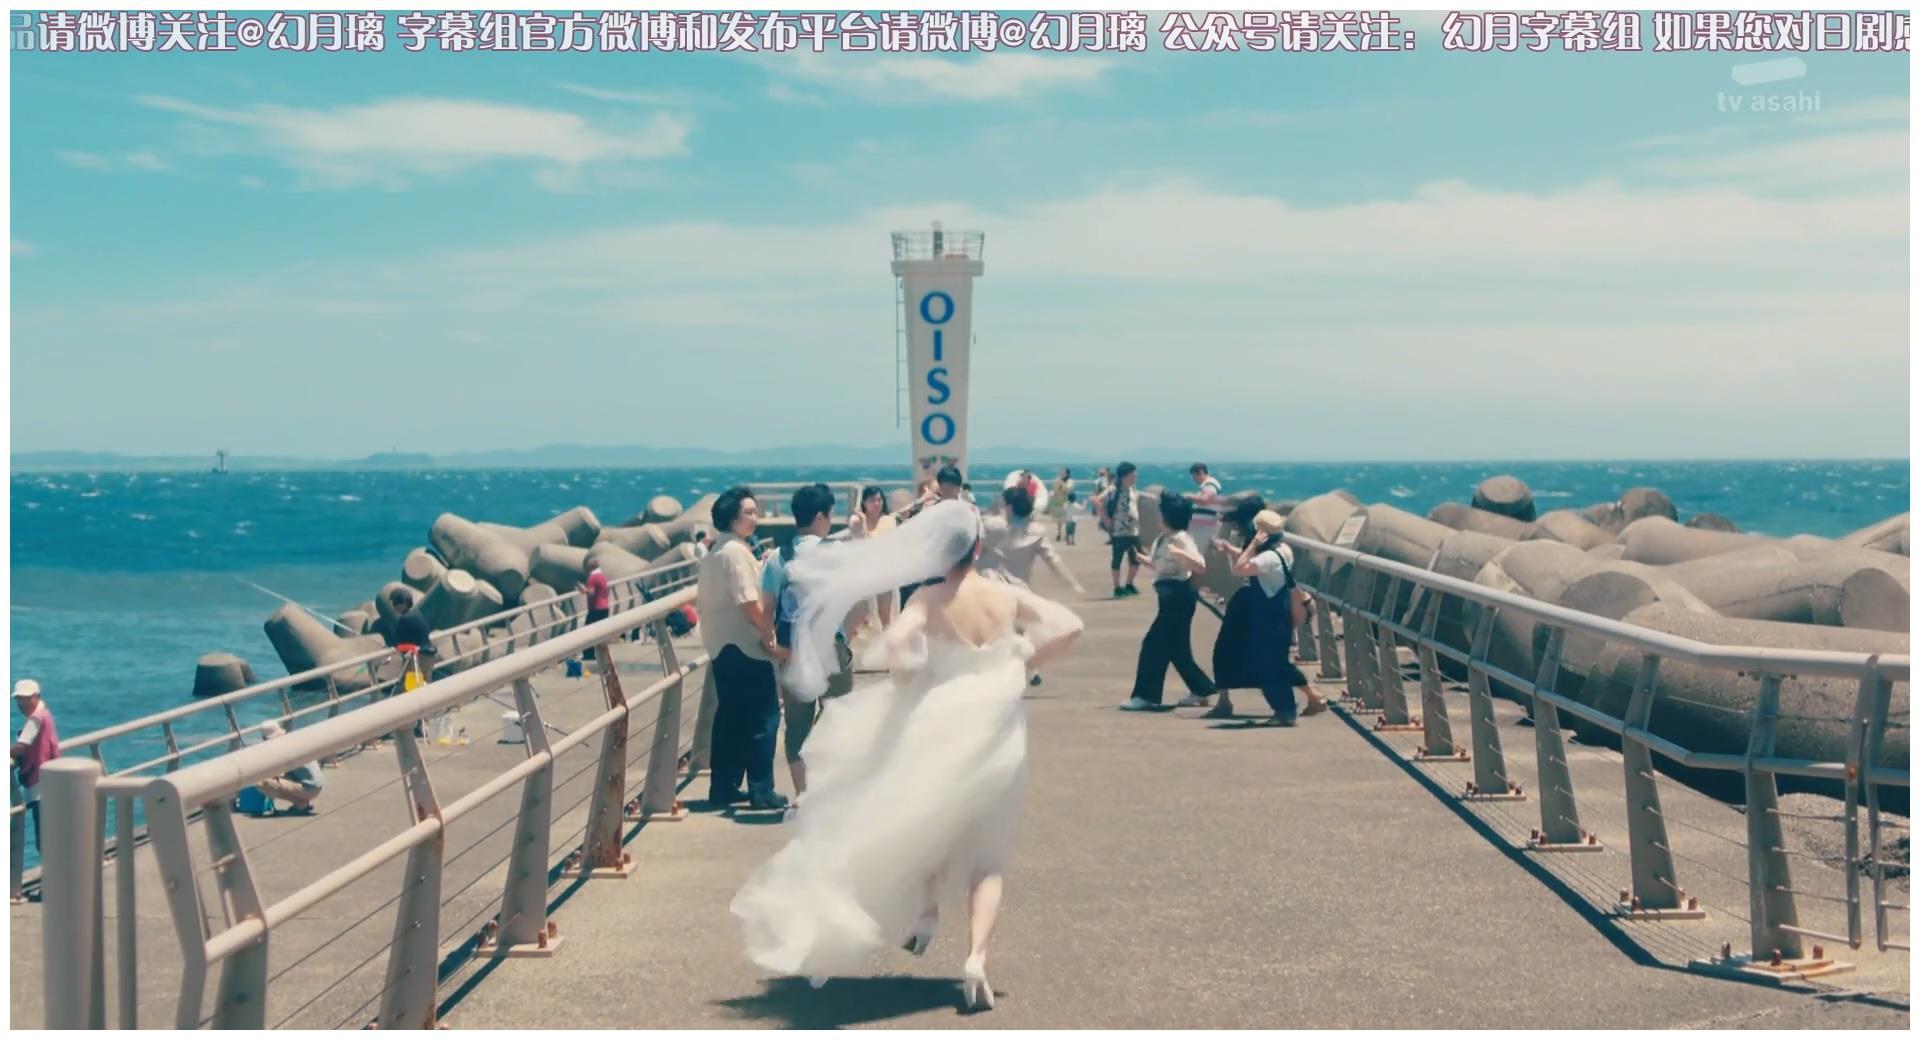 以图观剧:马场富美加樱田通共演2020日剧《3B恋人》第一集